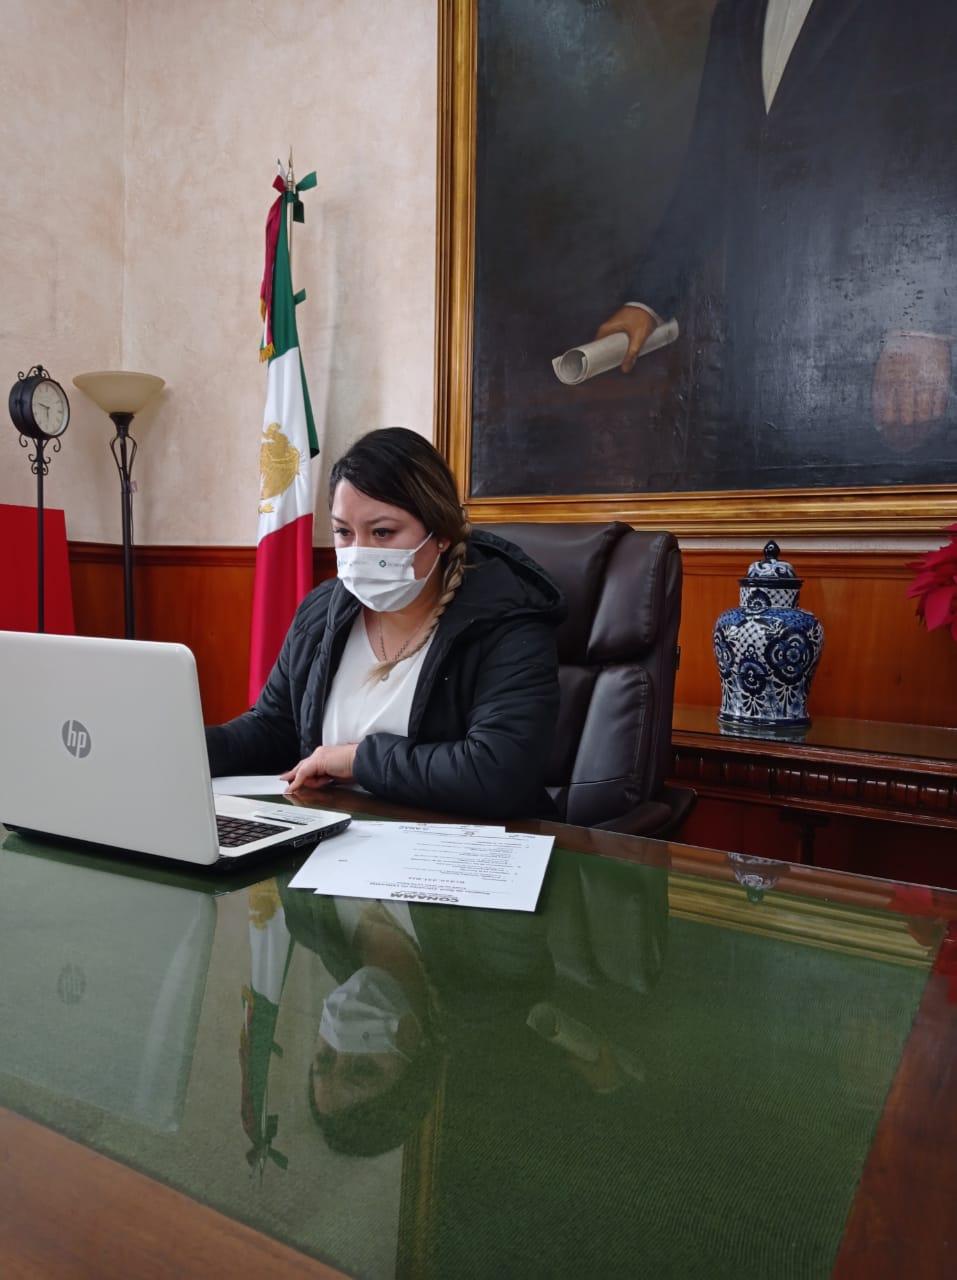 Recibe Mildred Vergara nombramiento como vicepresidenta de la CONAMM